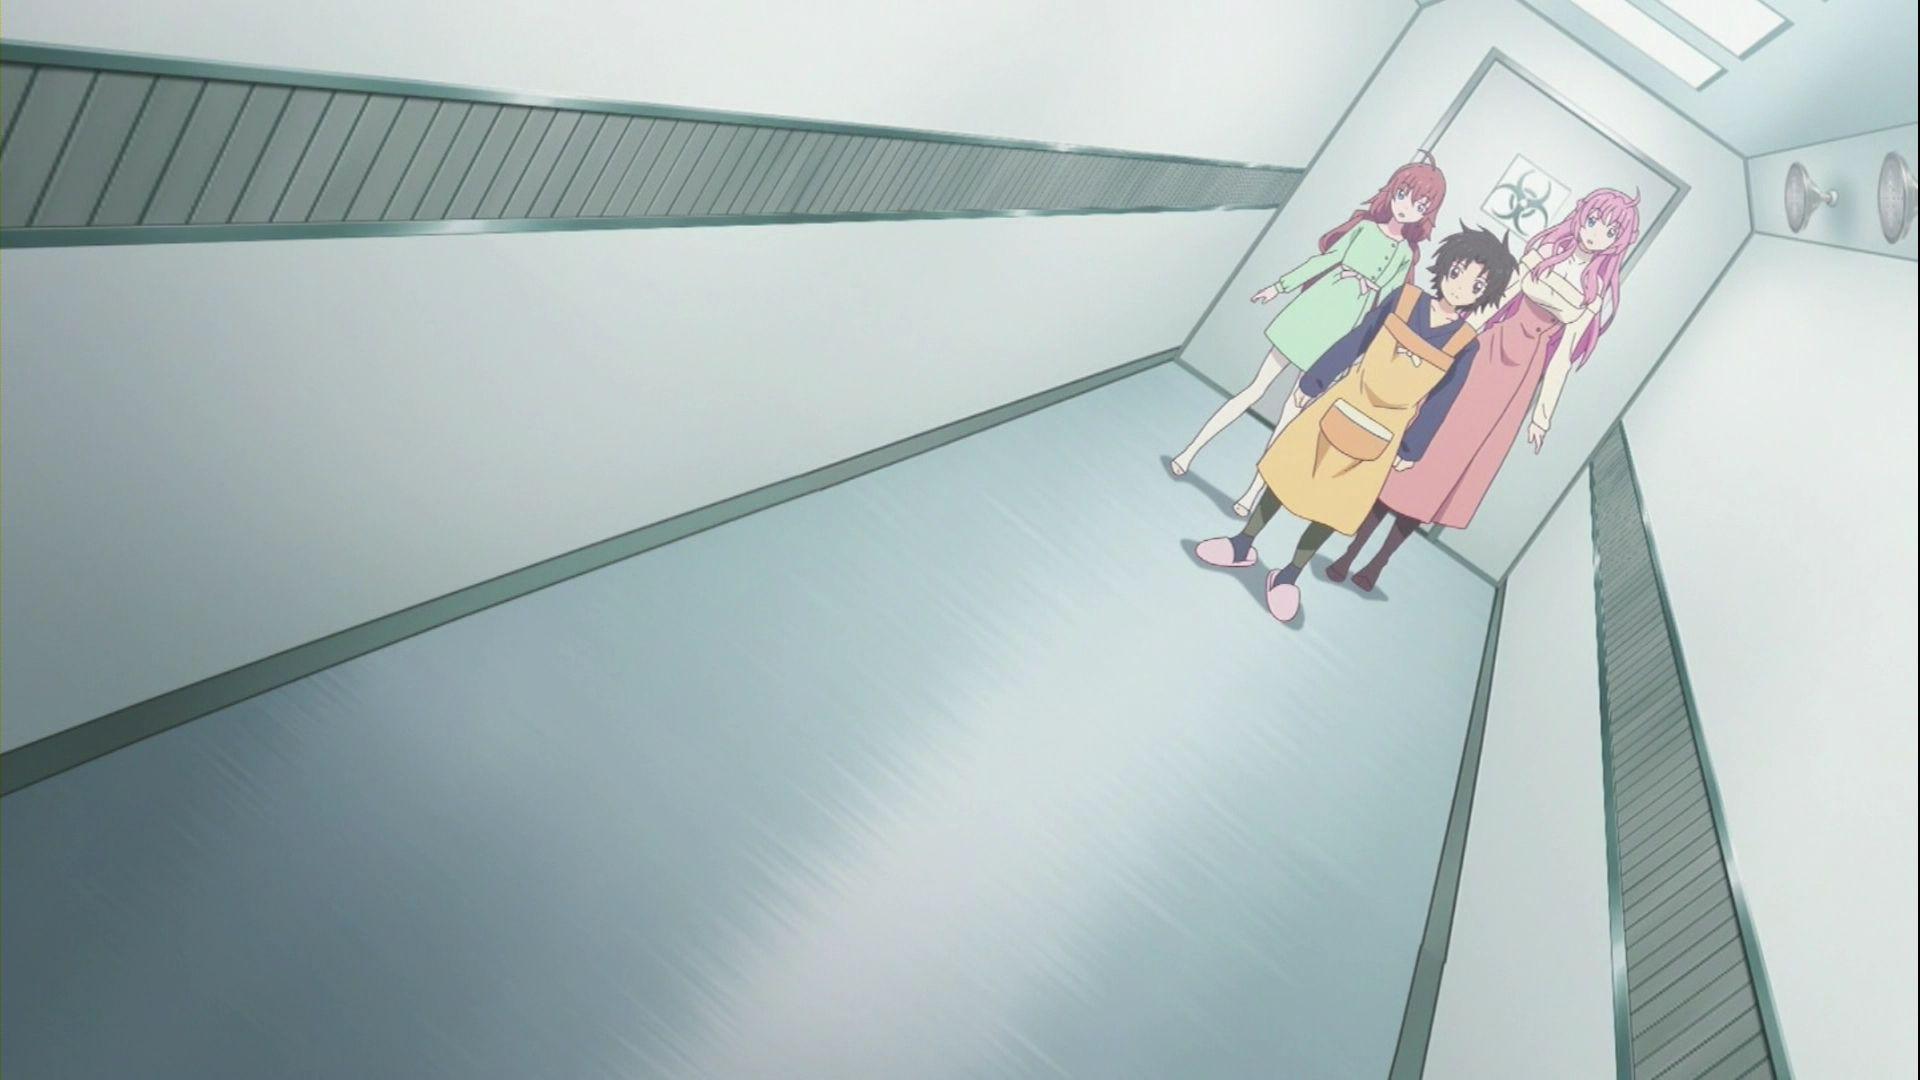 MegamiRyounoRyoubokun Episode9 68